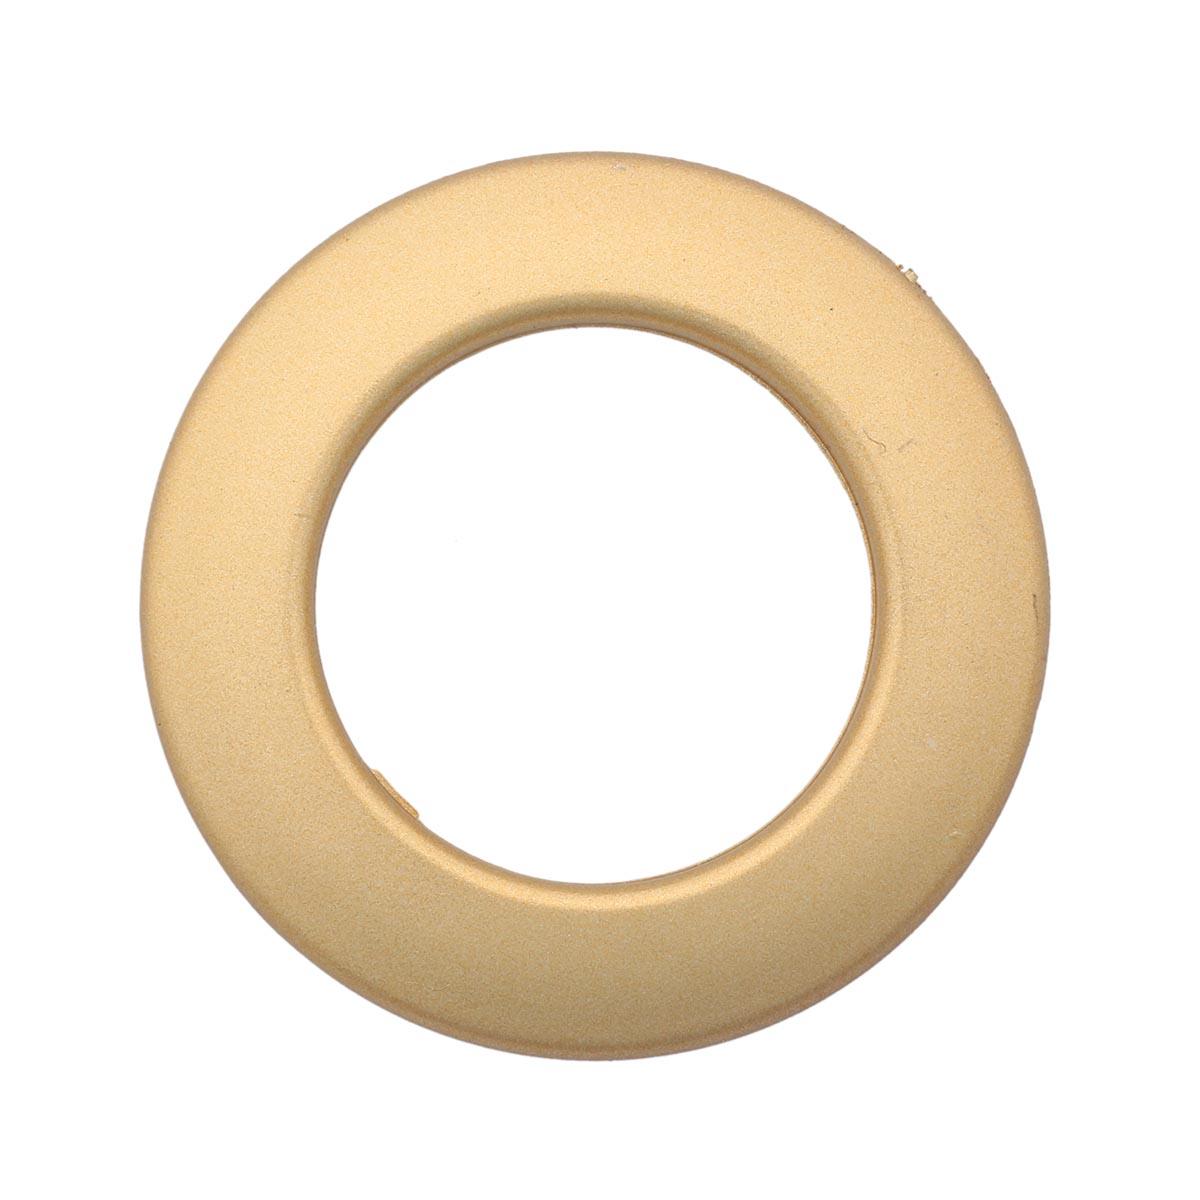 Люверс шторный, d 35 мм, мат. золото (11), упак./10 шт., Belladonna